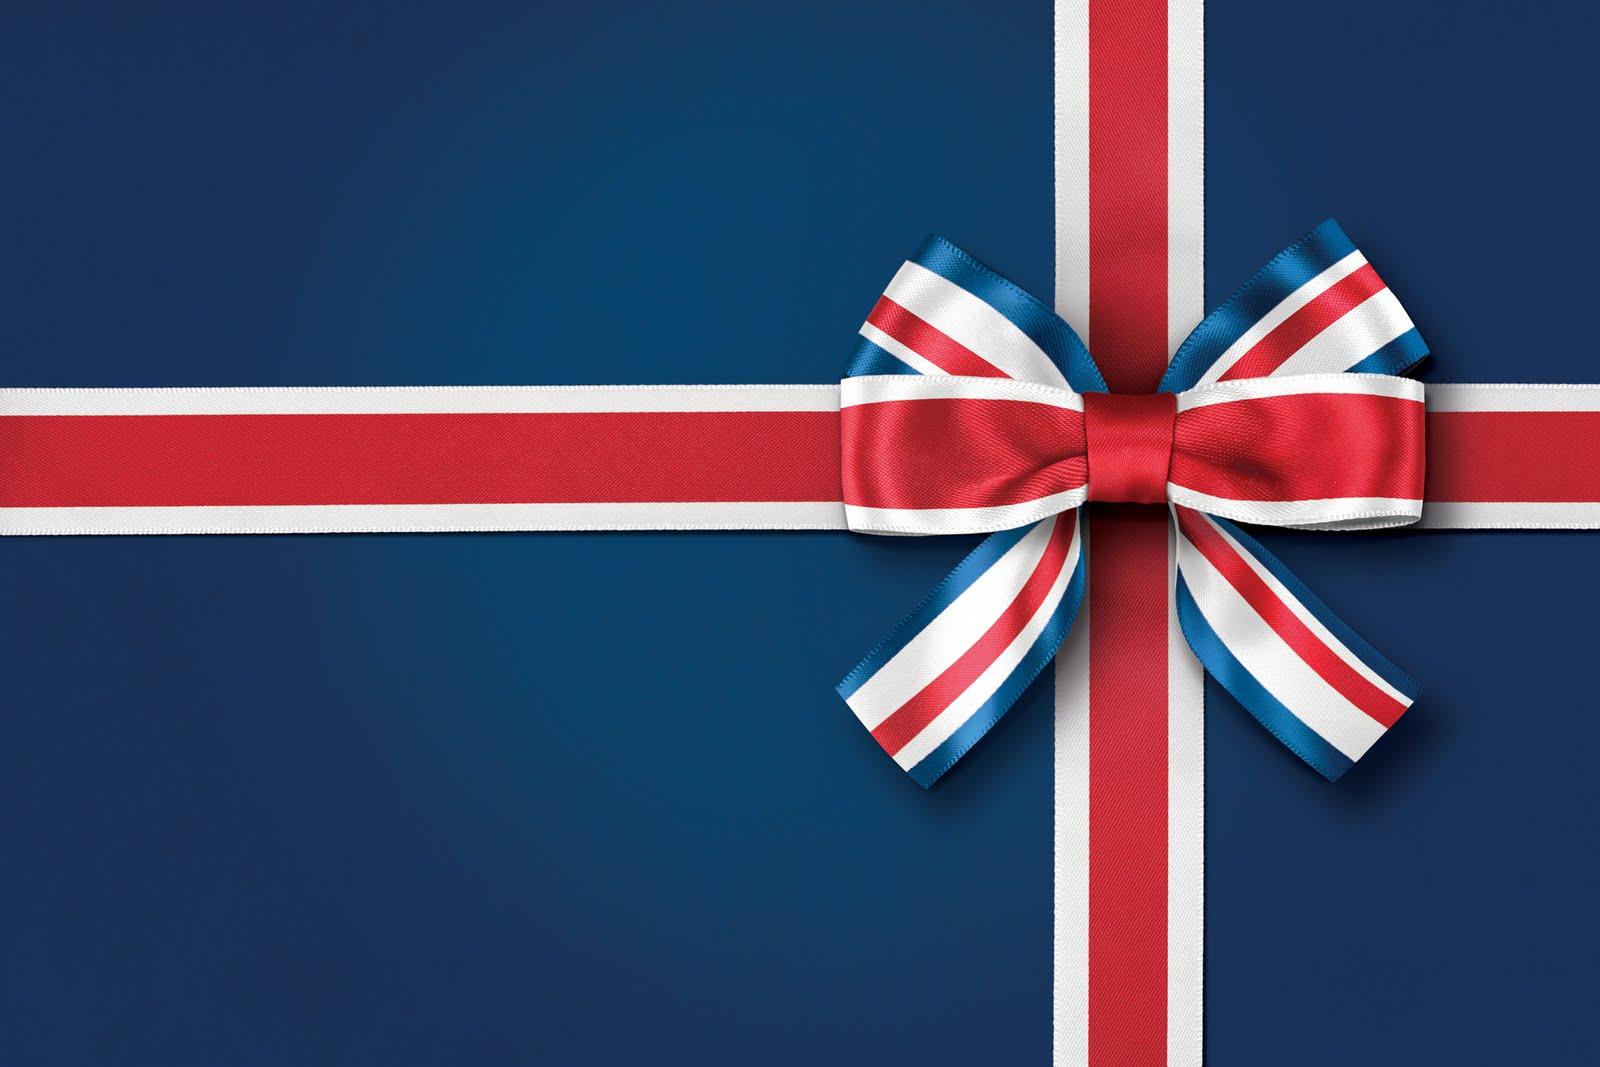 Miguel gonzalez retoque cinta de regalo cinta bandera - Cinta para regalo ...